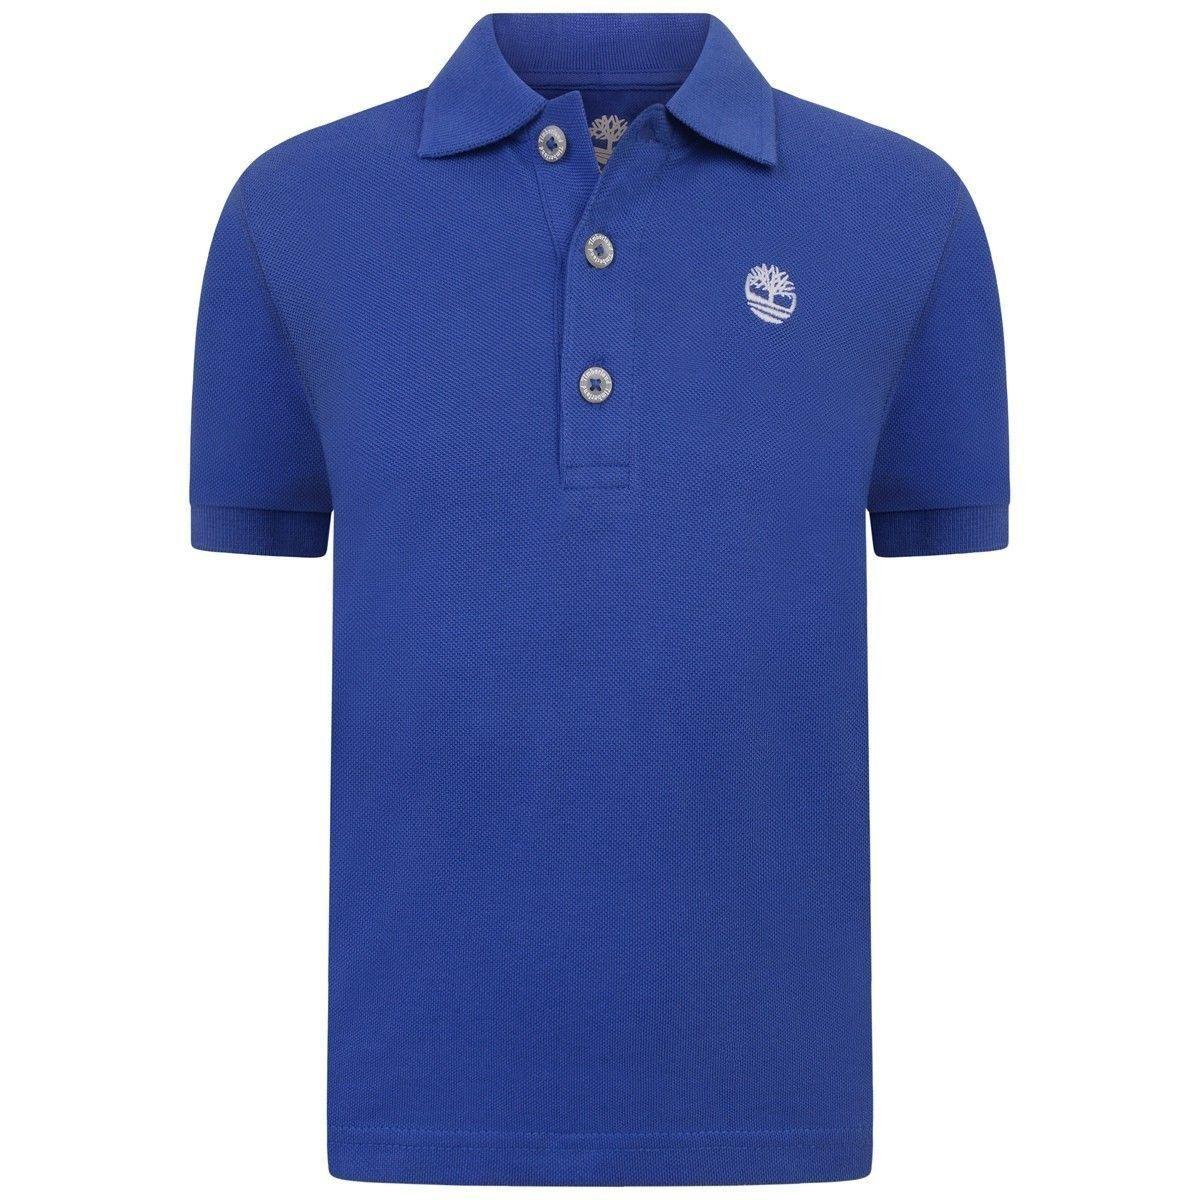 Timberland Boys Blue Cotton Pique Polo Top